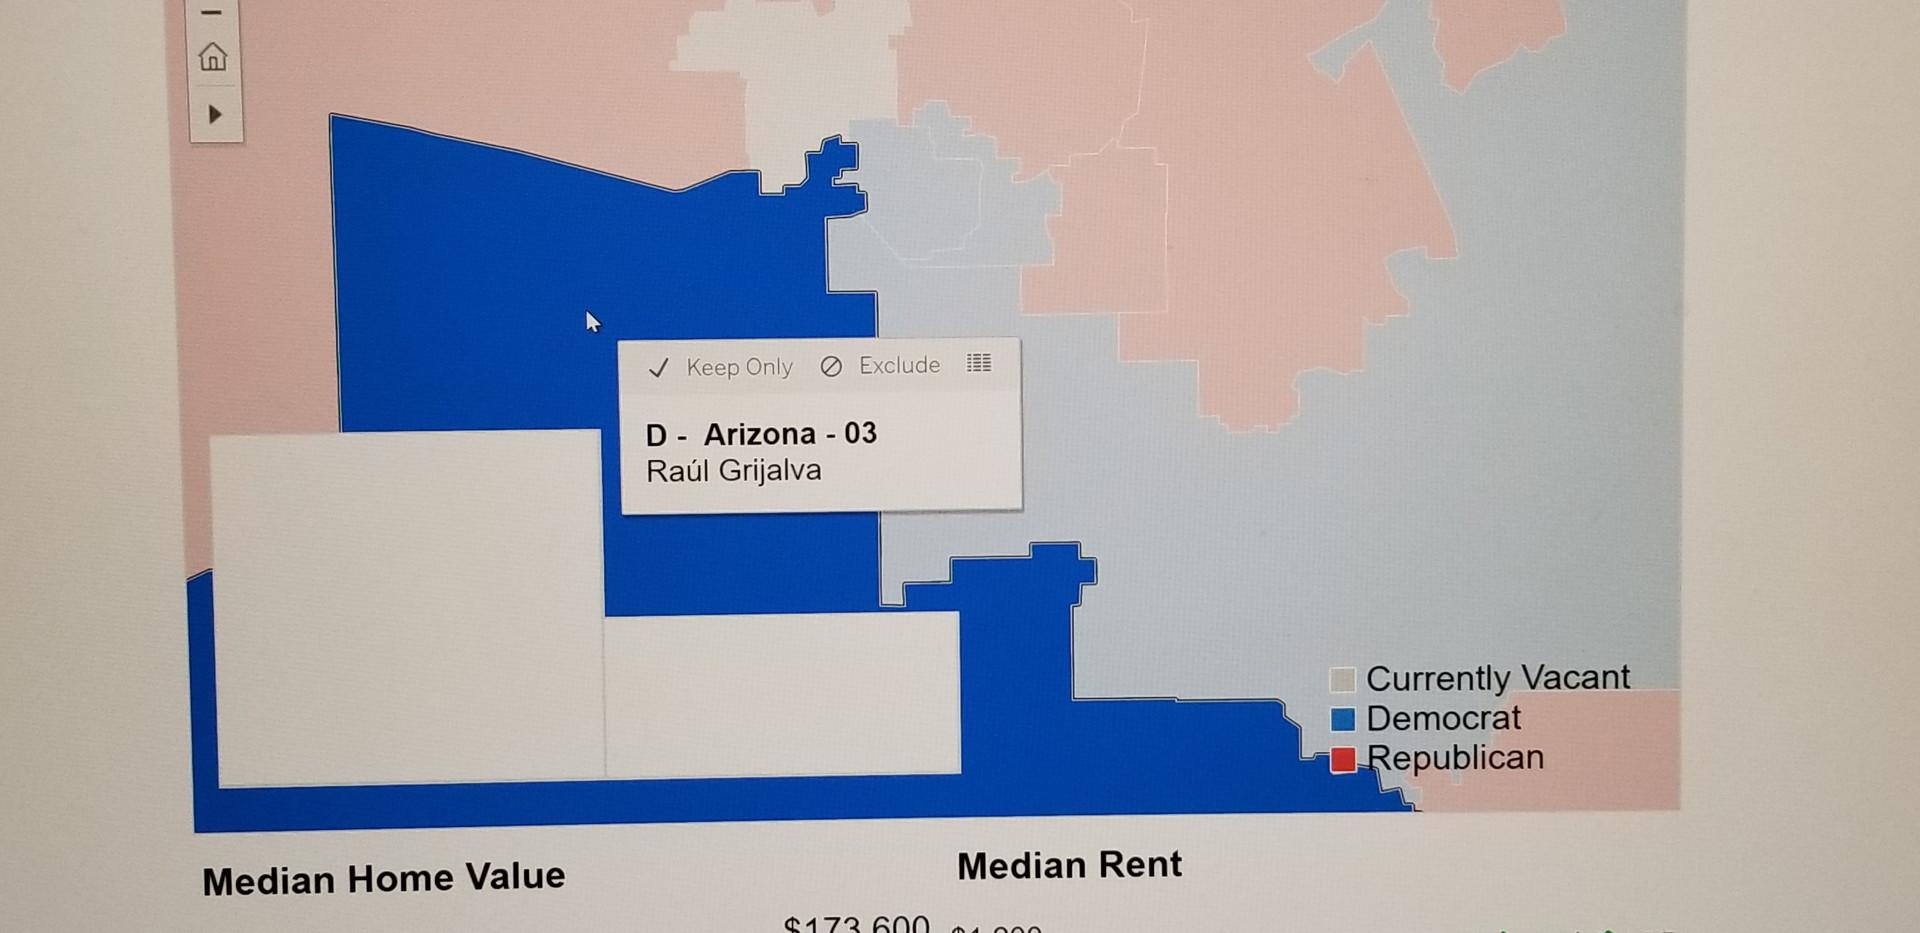 Home Values in CD 03 in  Arizona